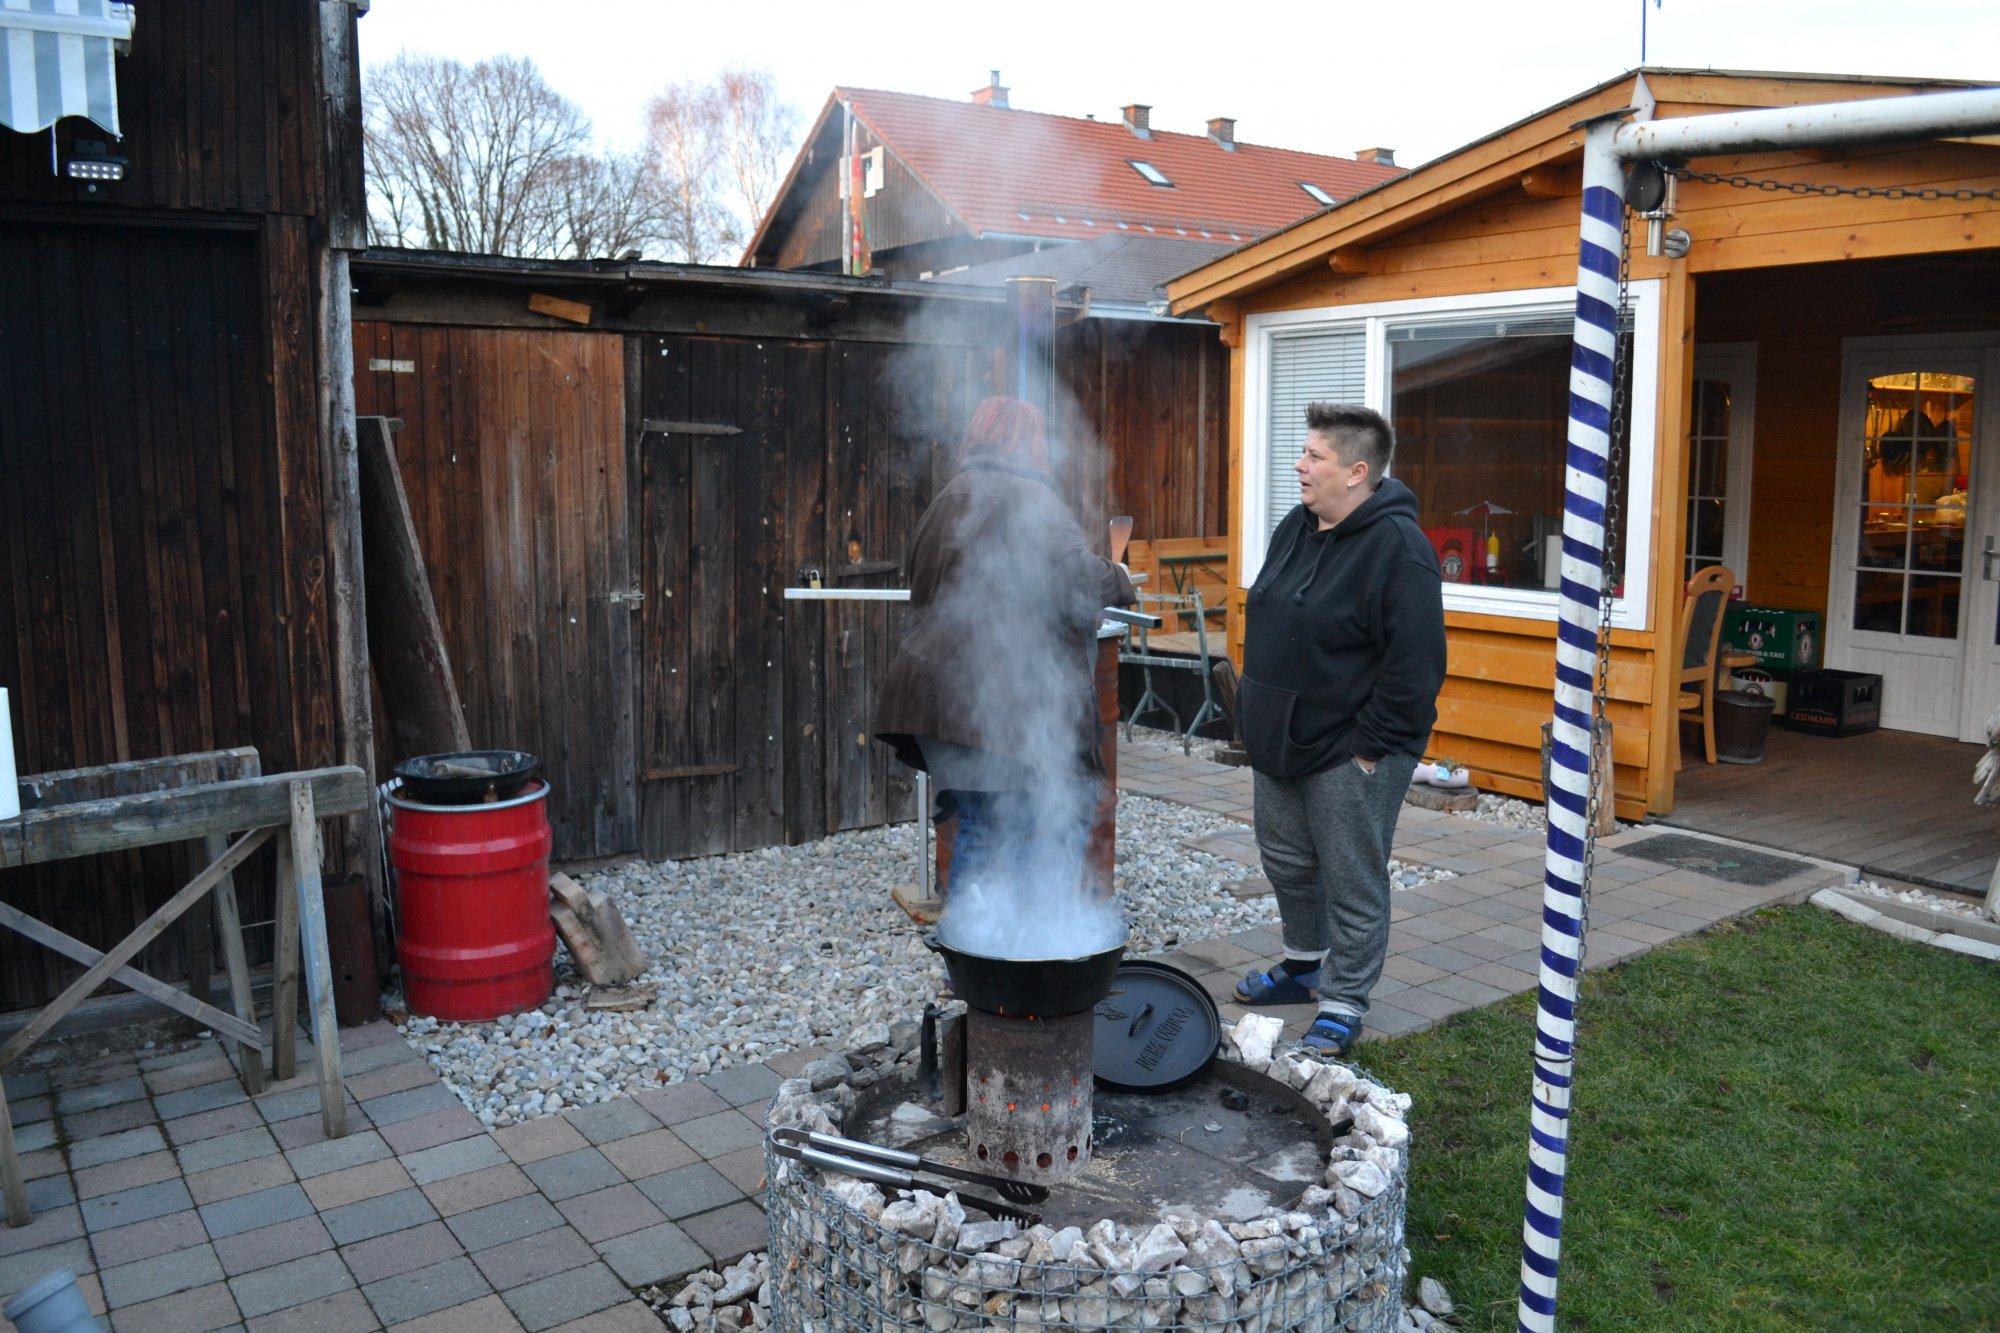 feuerstelle selber bauen fragen dazu und anregungen gesucht grillforum und bbq www. Black Bedroom Furniture Sets. Home Design Ideas